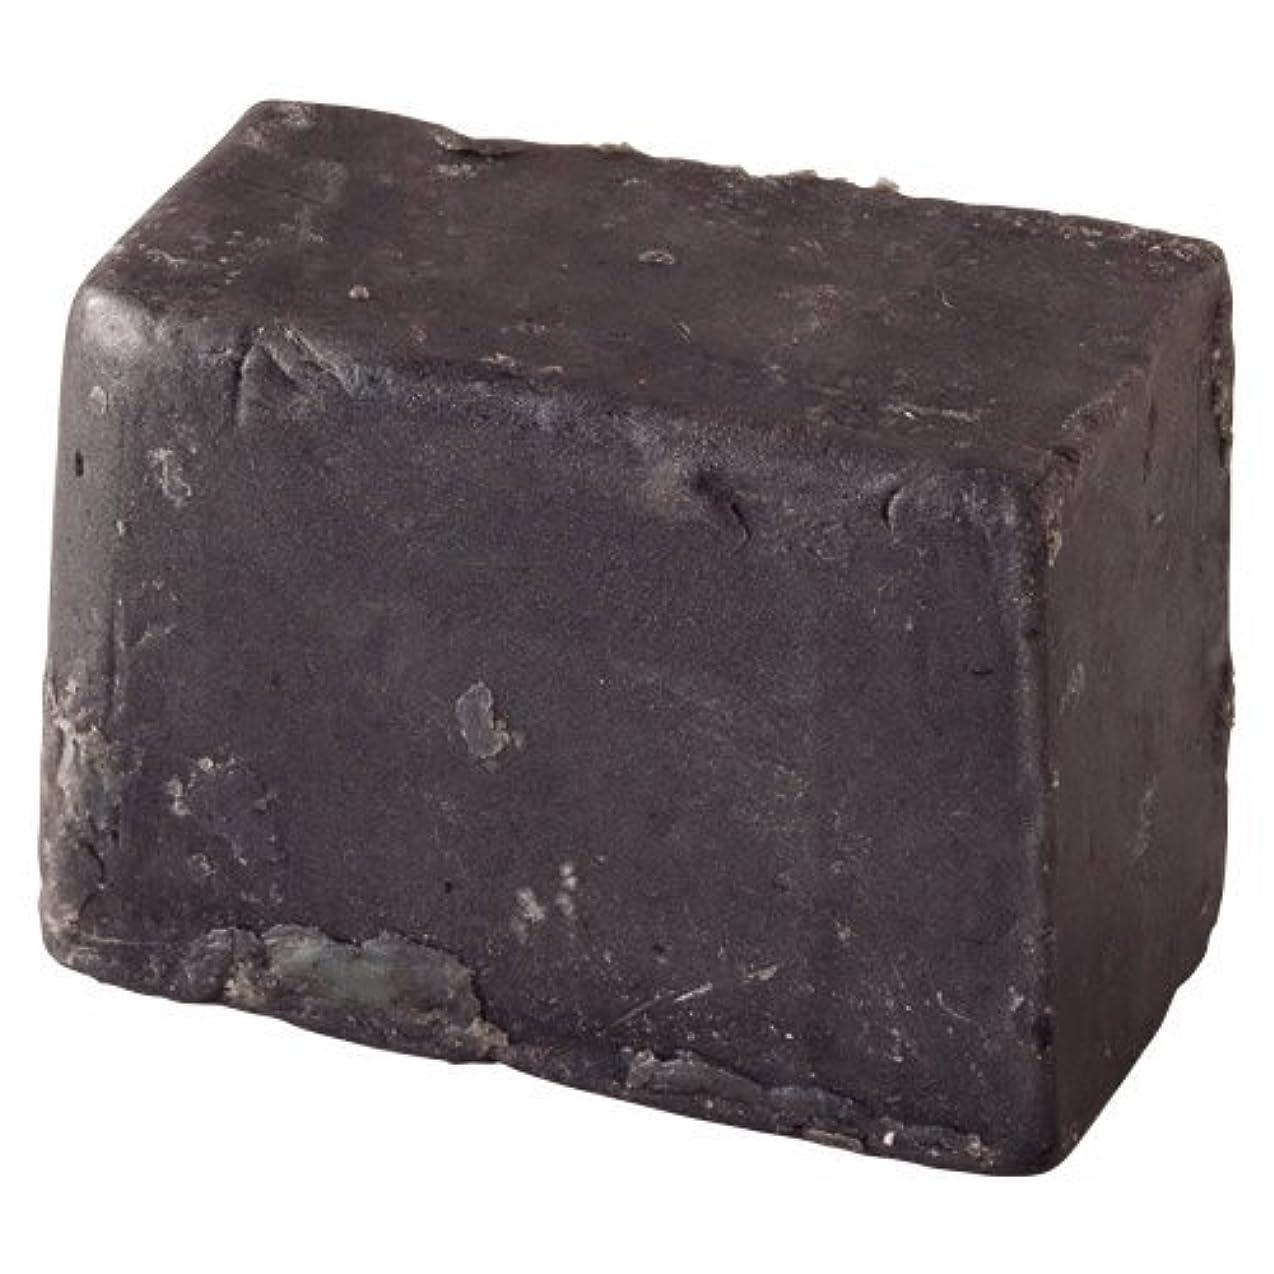 バンケット一貫性のない散らすラッシュ(LUSH) ブラックビューティー(100g)